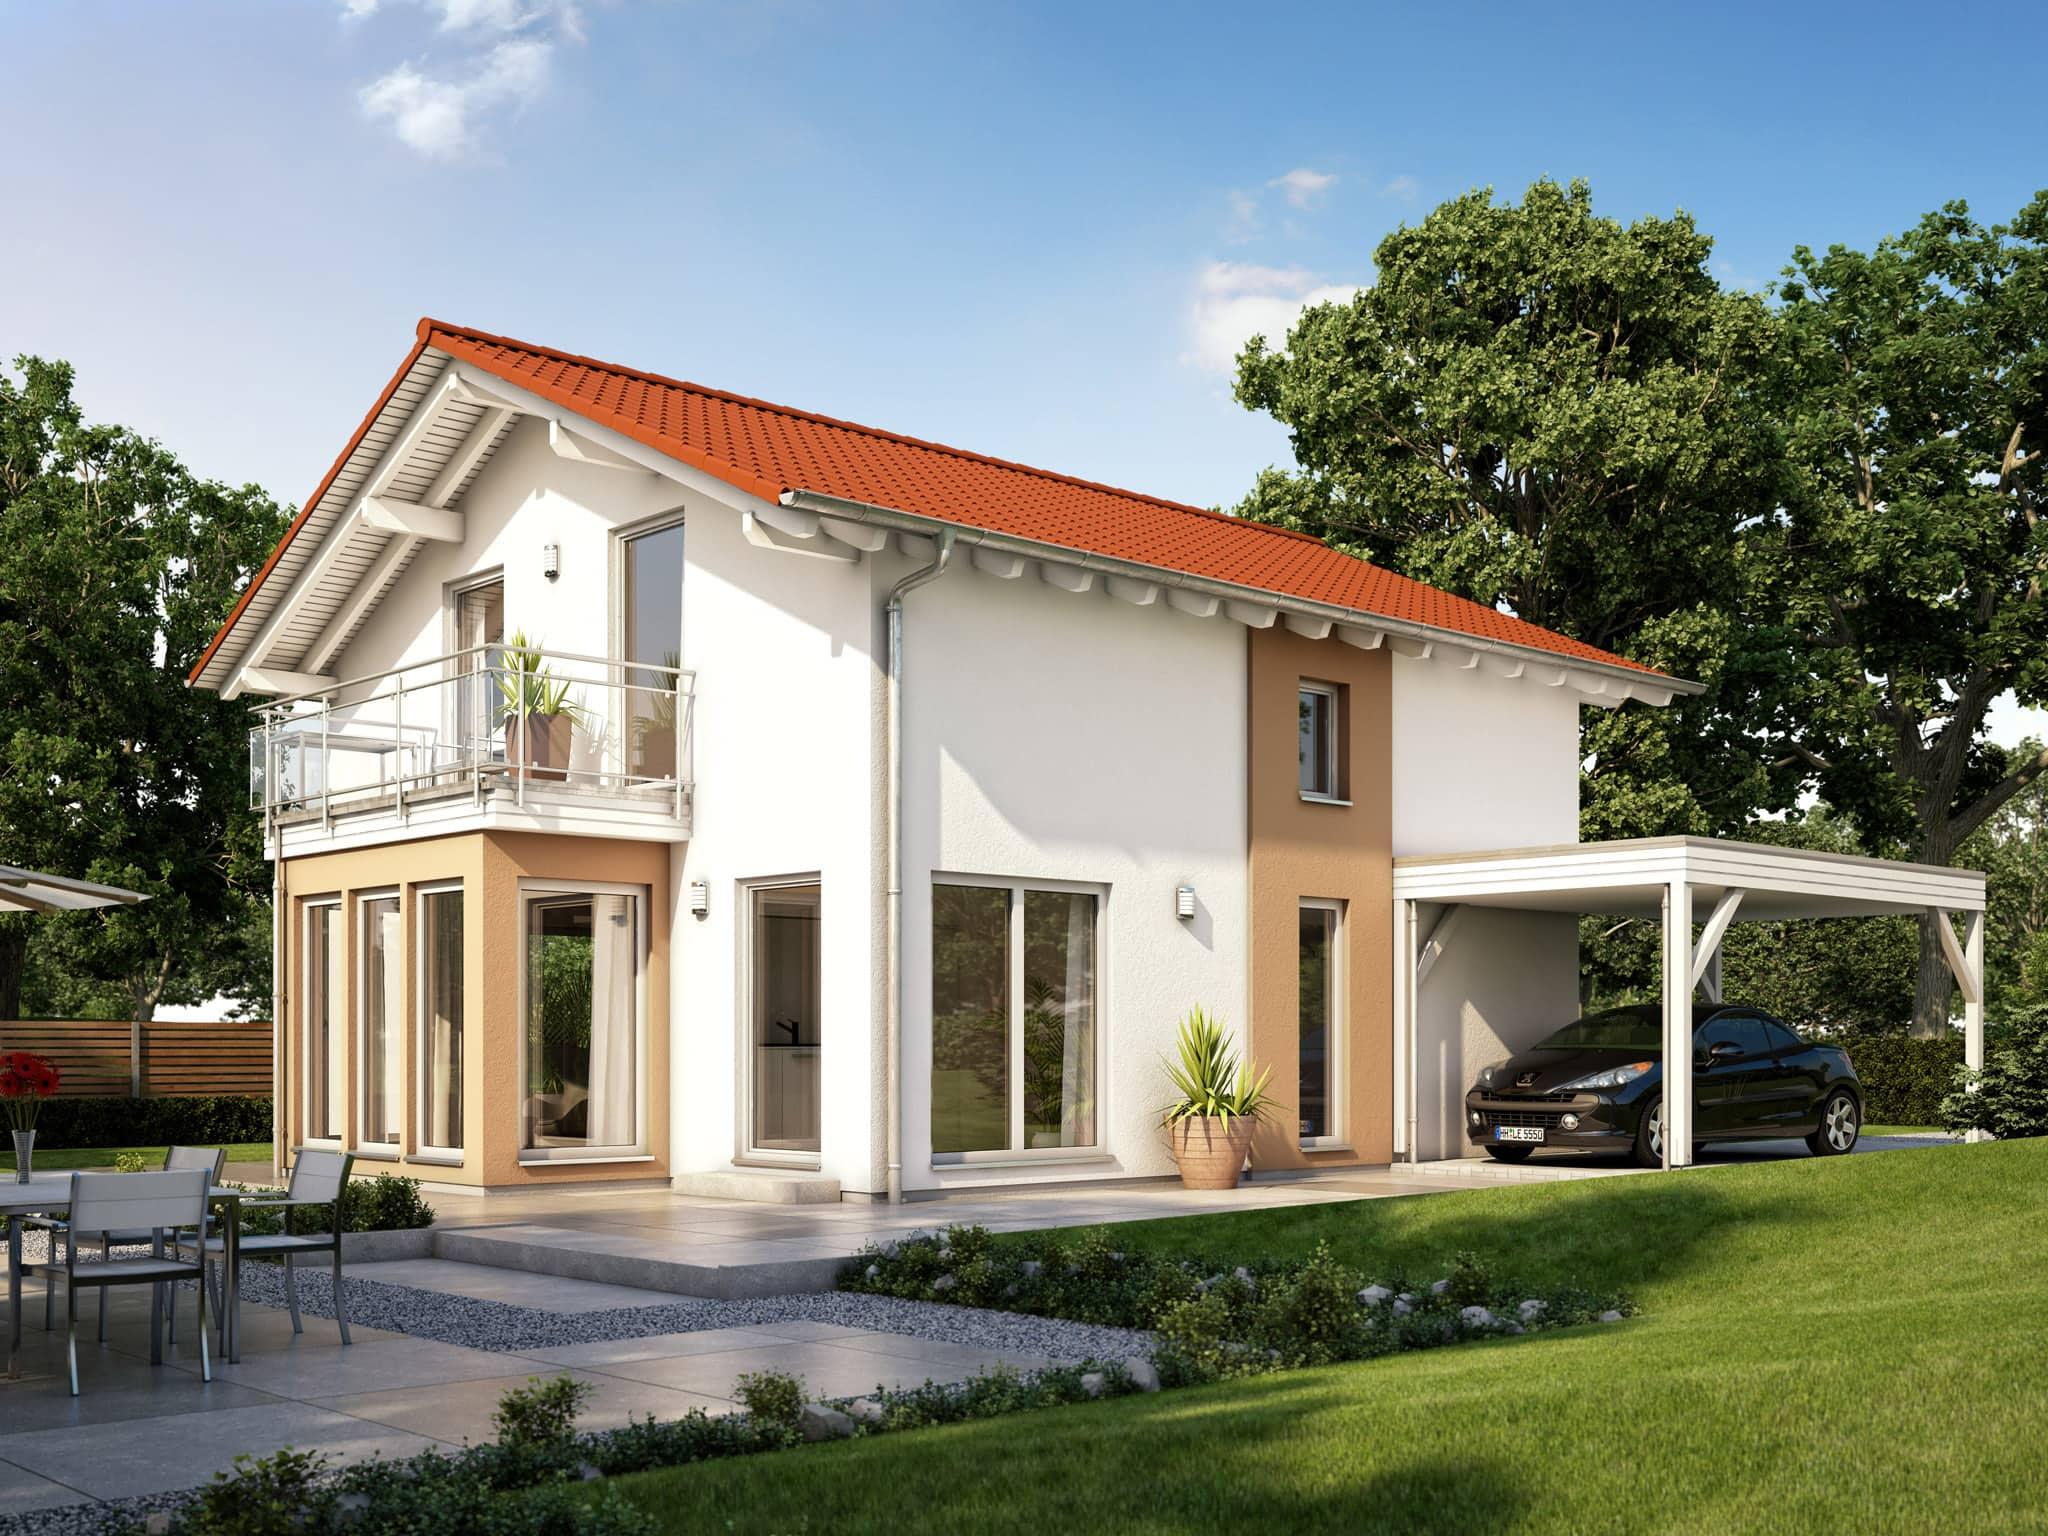 Einfamilienhaus mit Satteldach, Carport & Wintergarten Erker mit Balkon - Fertighaus Living Haus SUNSHINE 136 V5 - HausbauDirekt.de